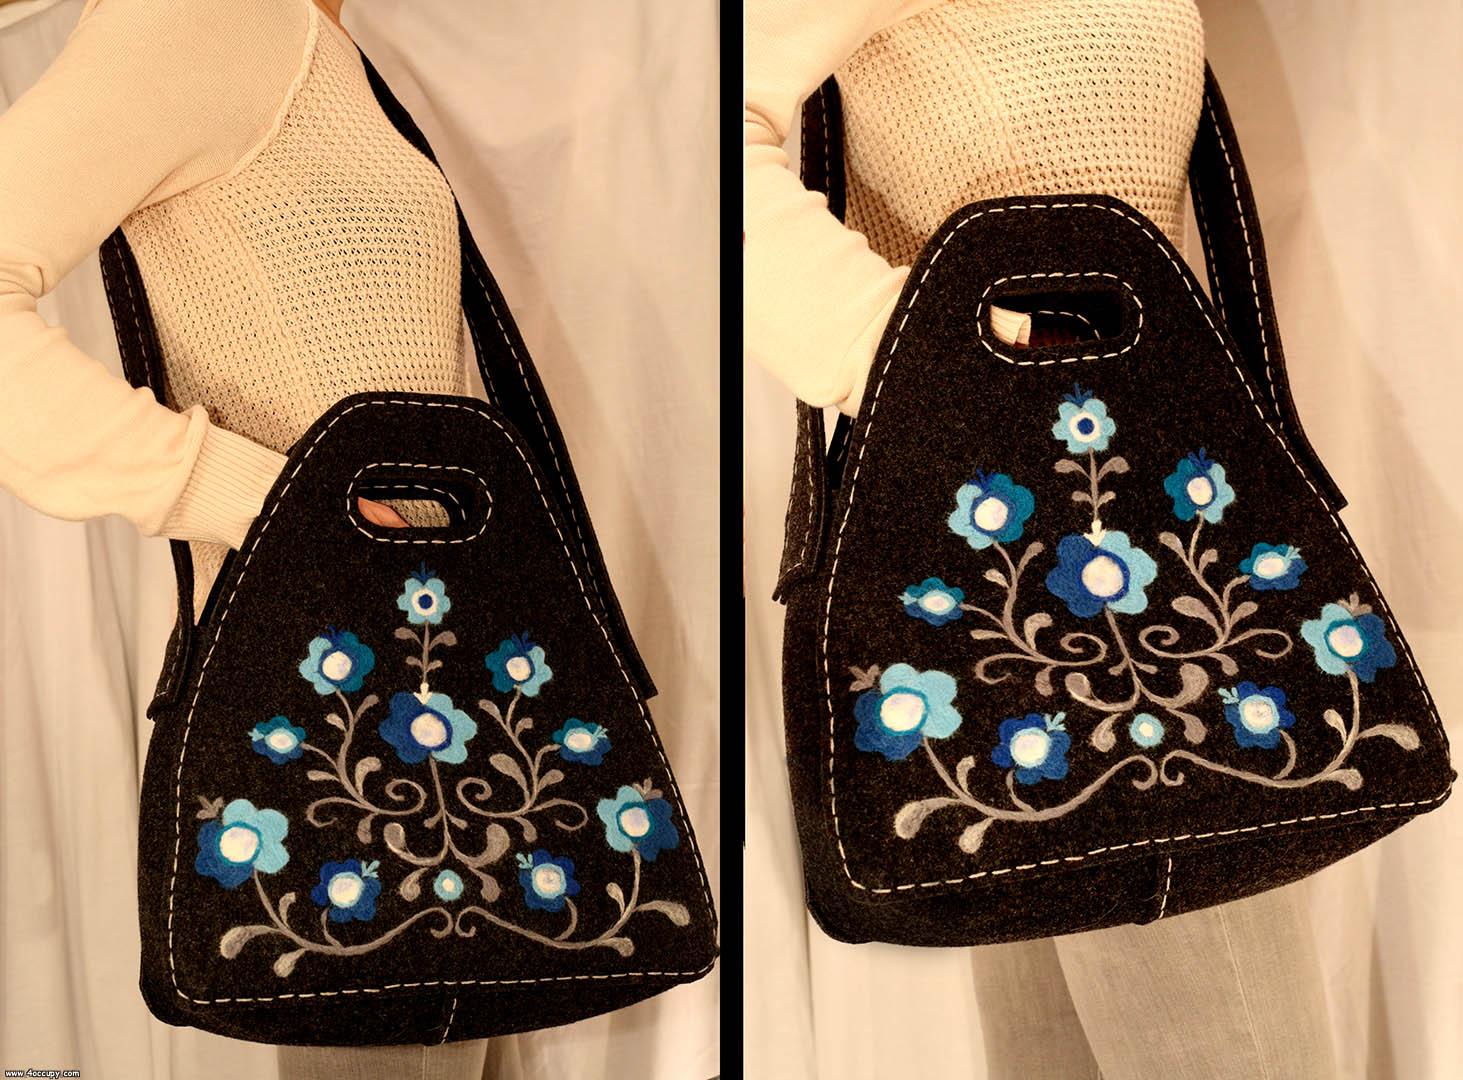 Handcrafted felt handbag